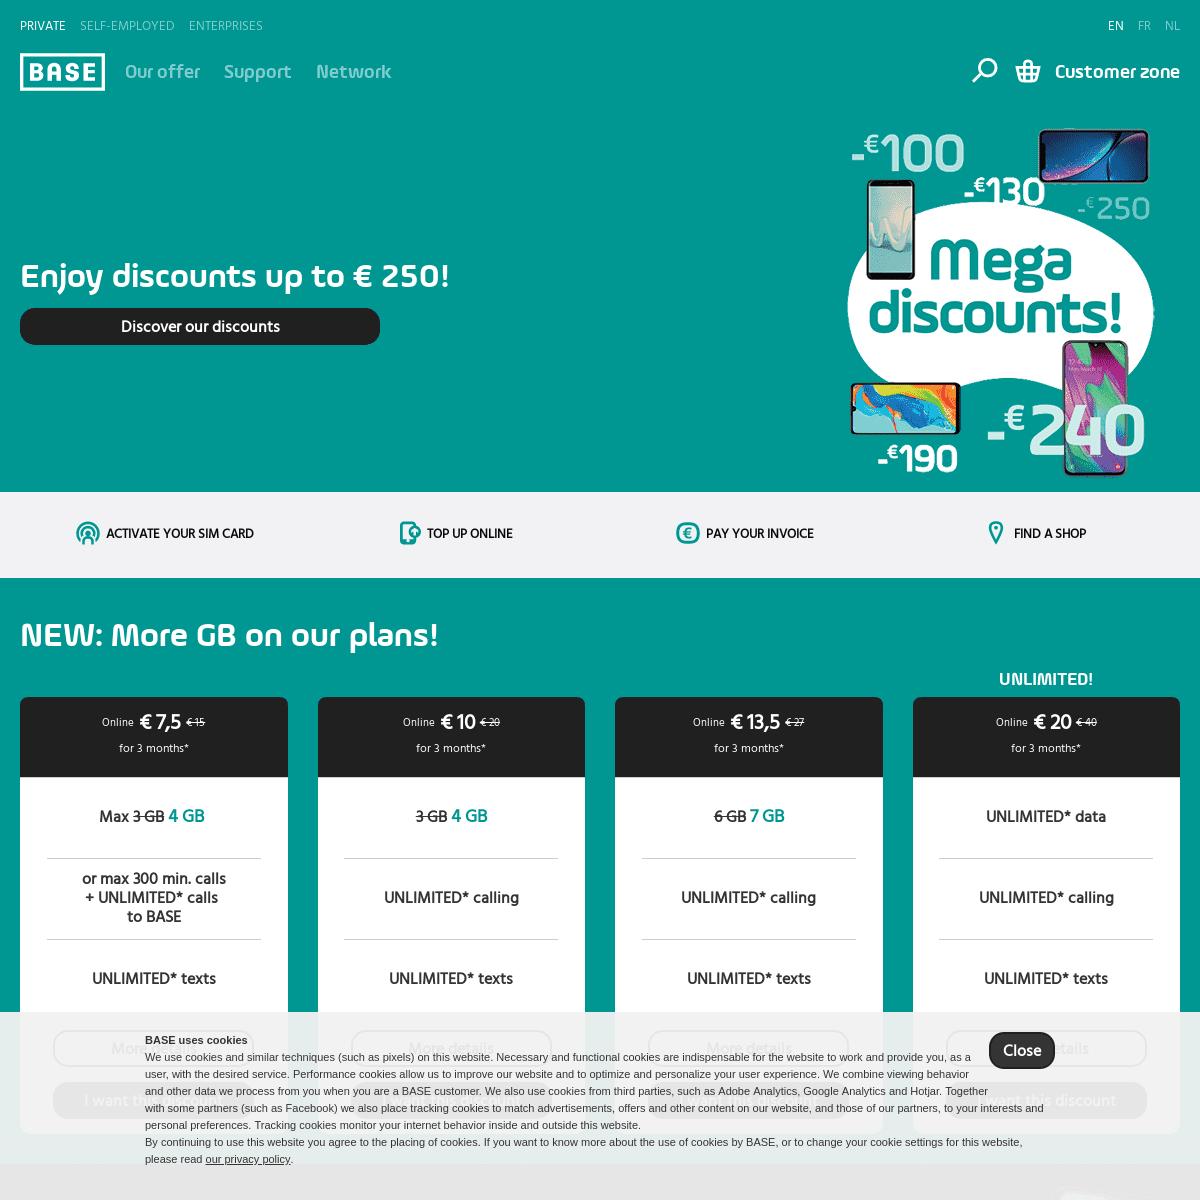 Sim Karte F303274r Usa.Prepaid Sim Karte F303274r Tablet